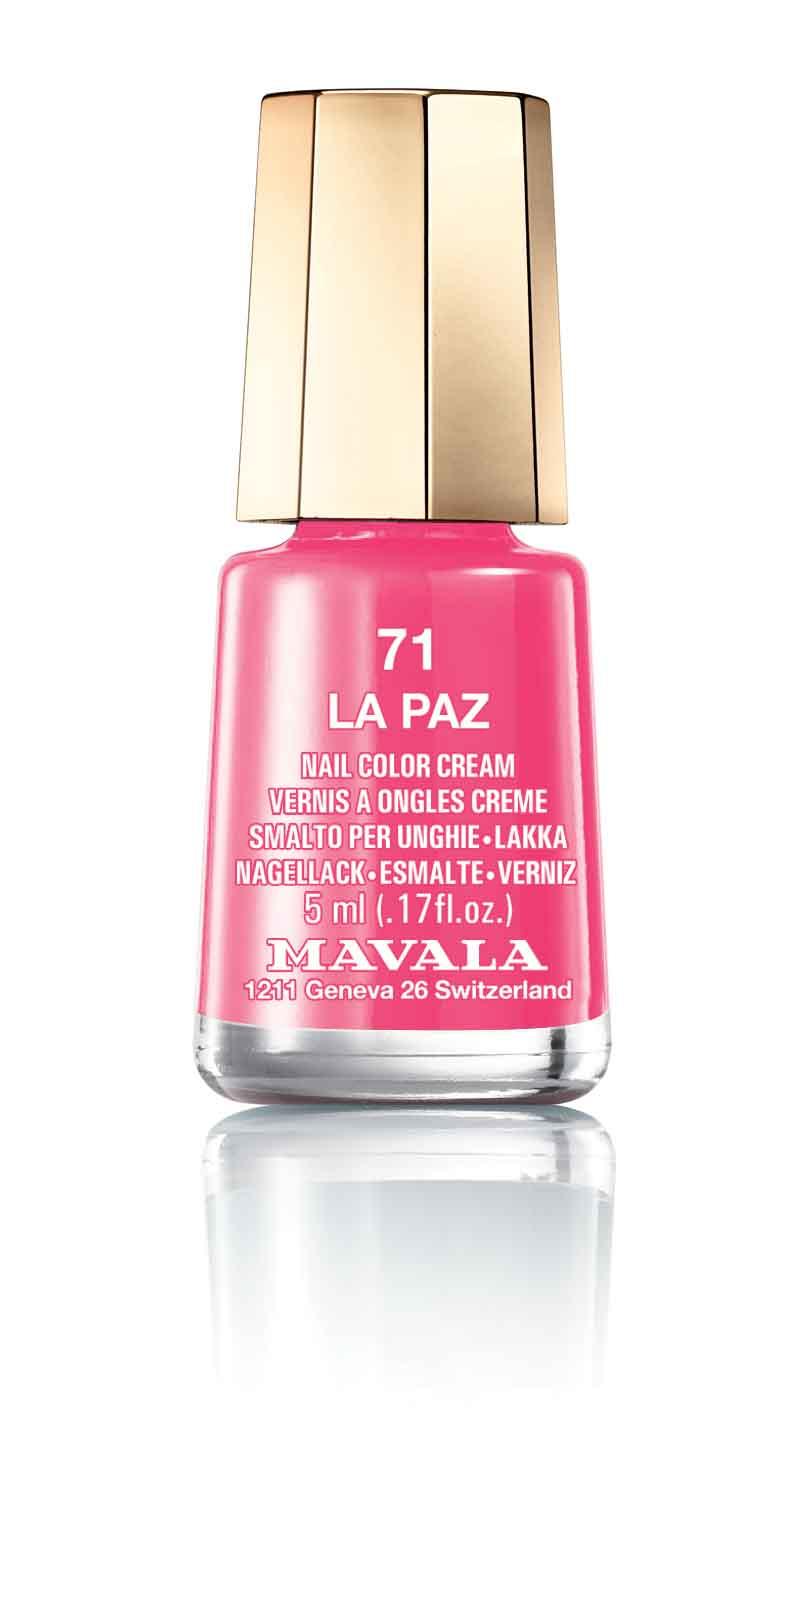 71 LA PAZ